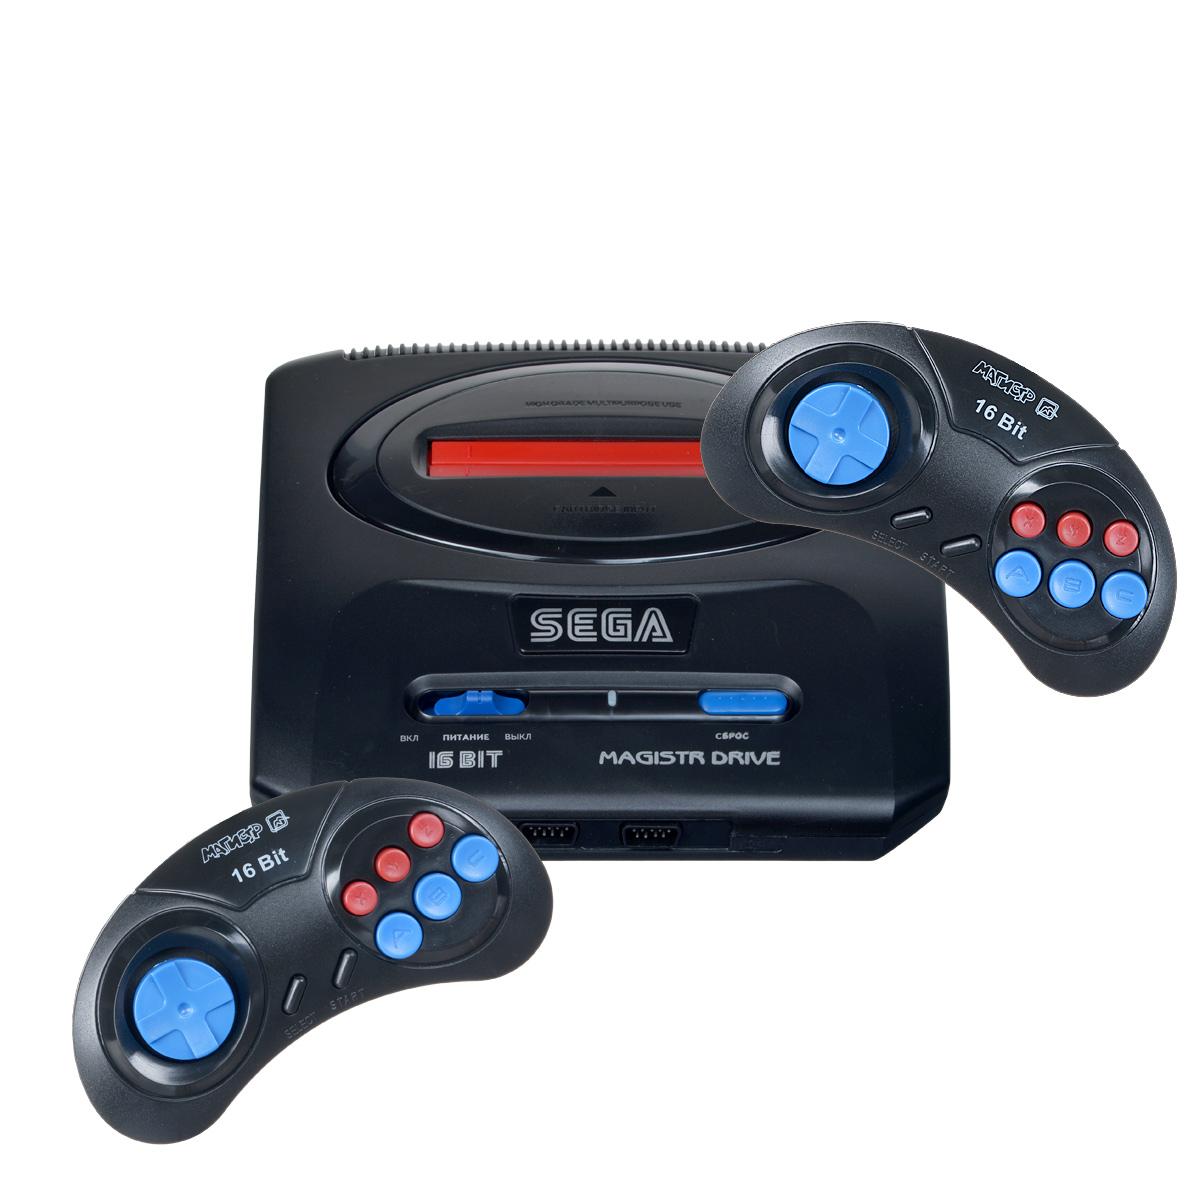 Игровая приставка Sega Magistr Drive 2 160 игр игровая консоль sega magistr drive 2 lit 65 игр